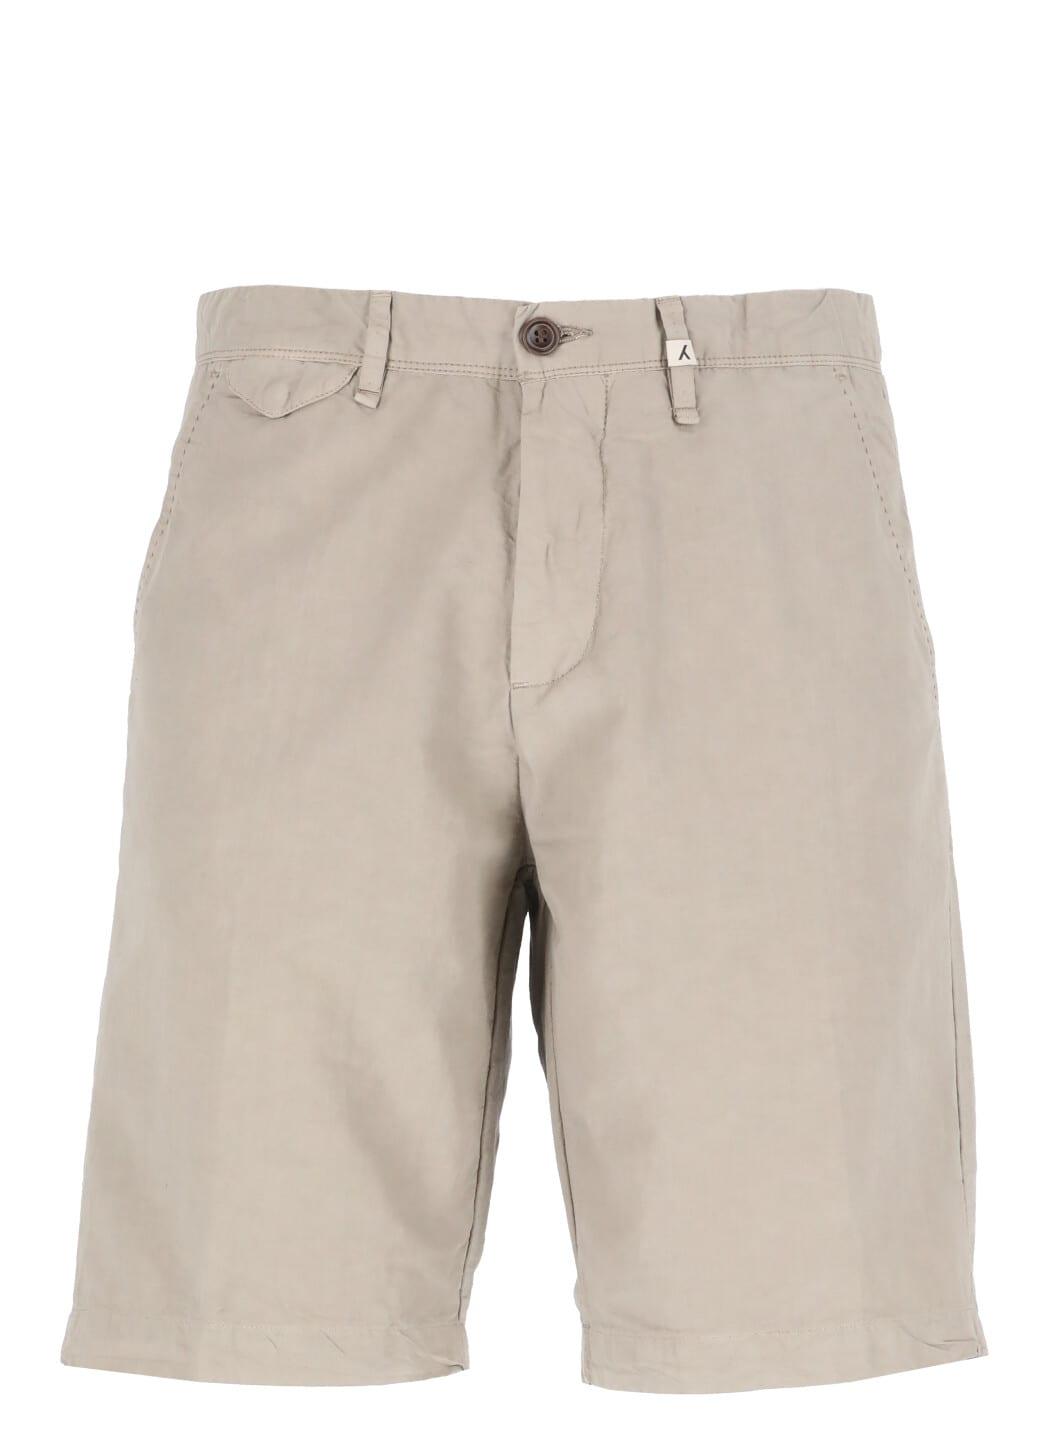 Cotton And Linen Blend Bermuda Short